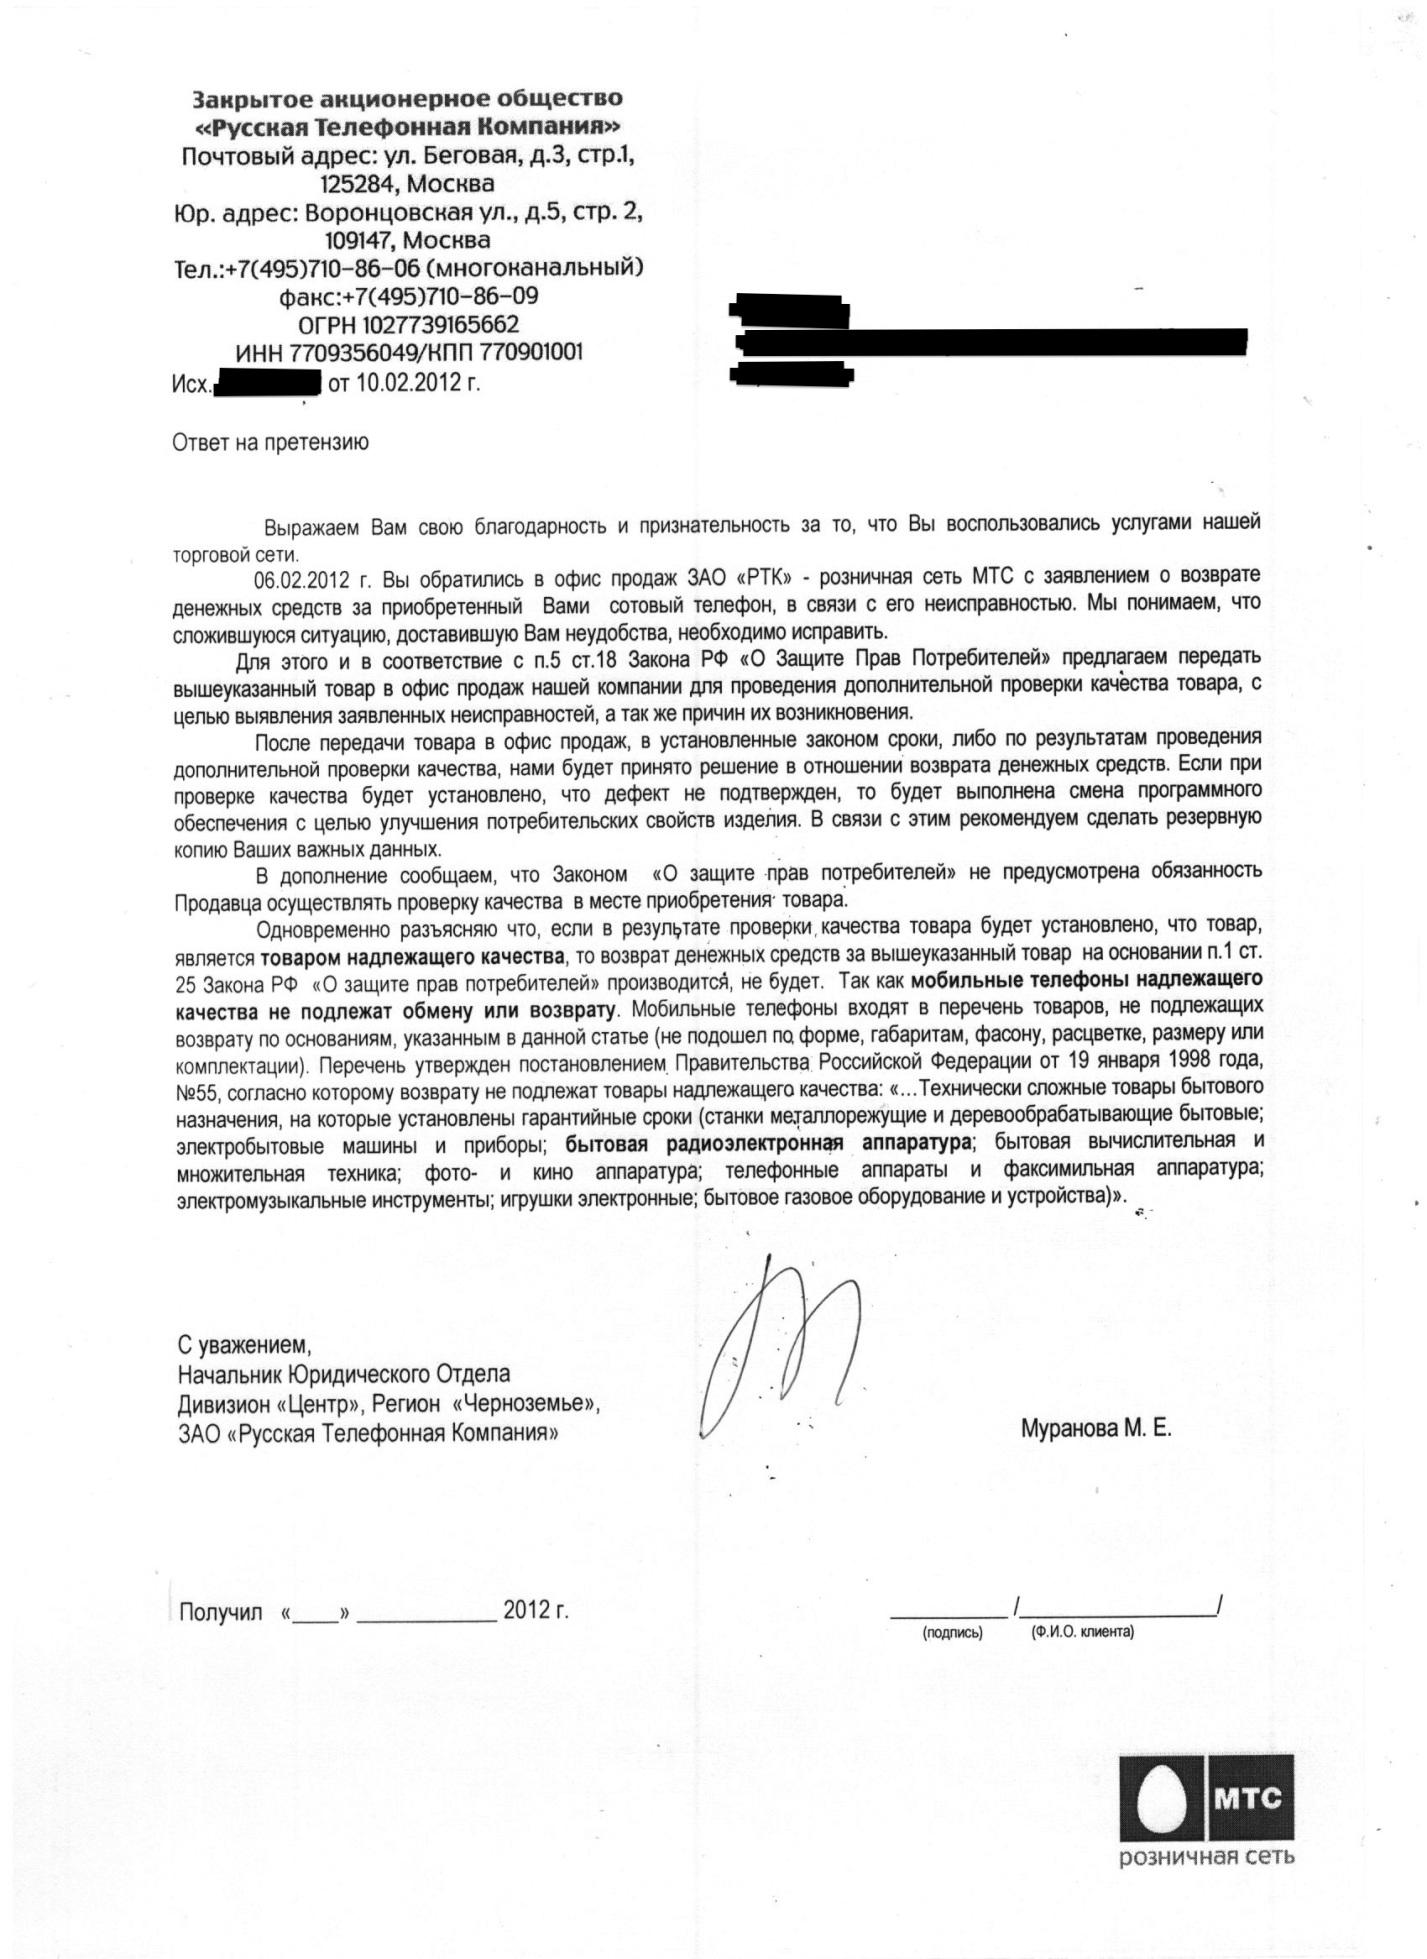 Образец ответа на претензию от компании МТС